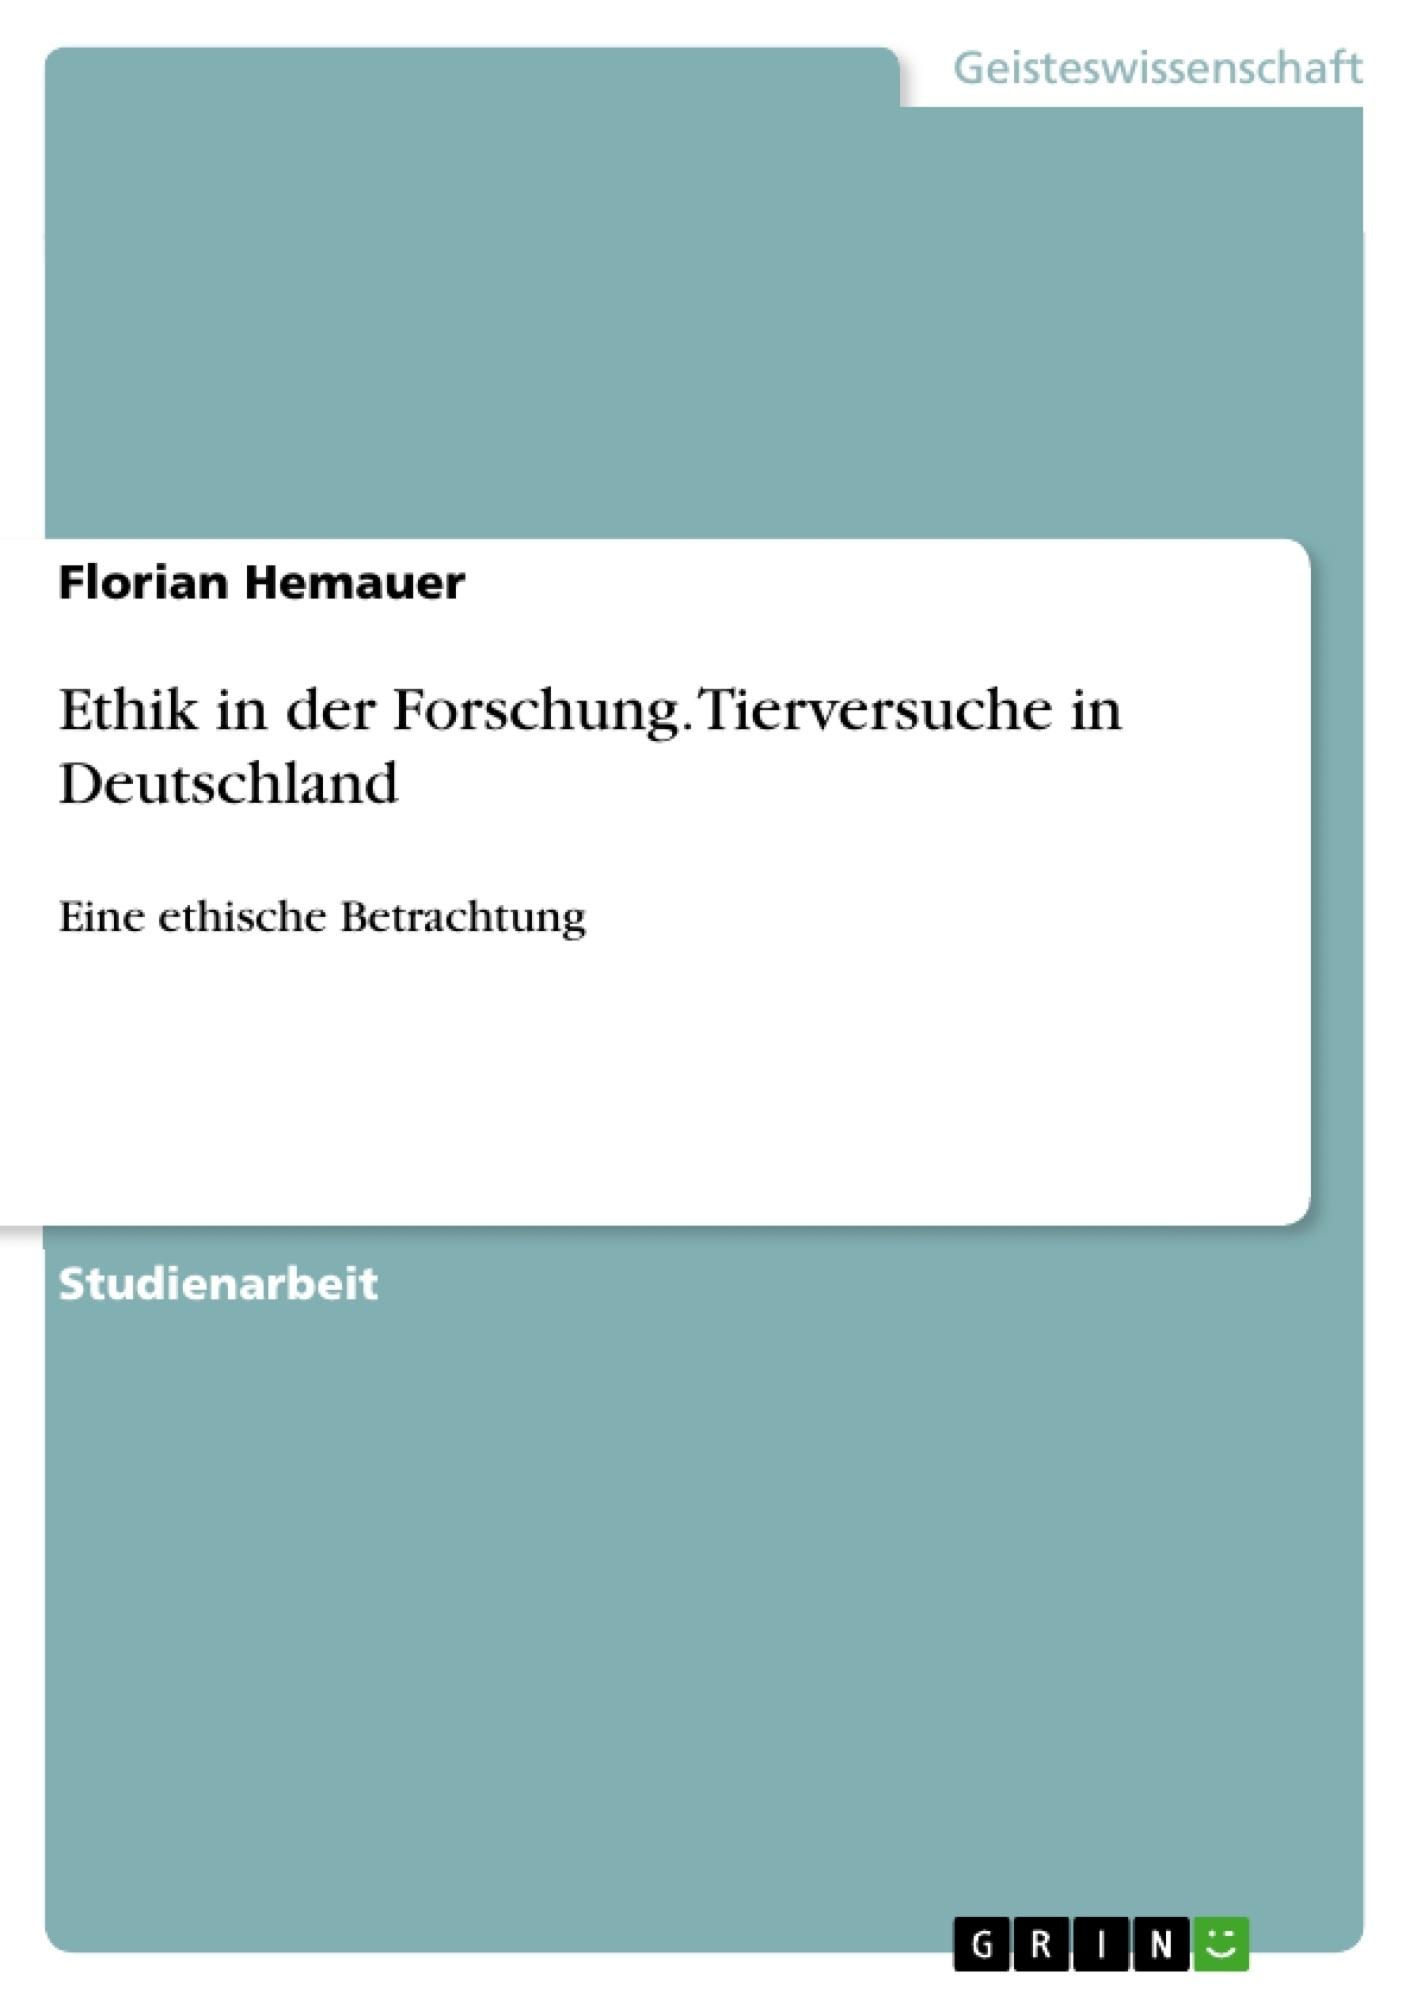 Titel: Ethik in der Forschung. Tierversuche in Deutschland